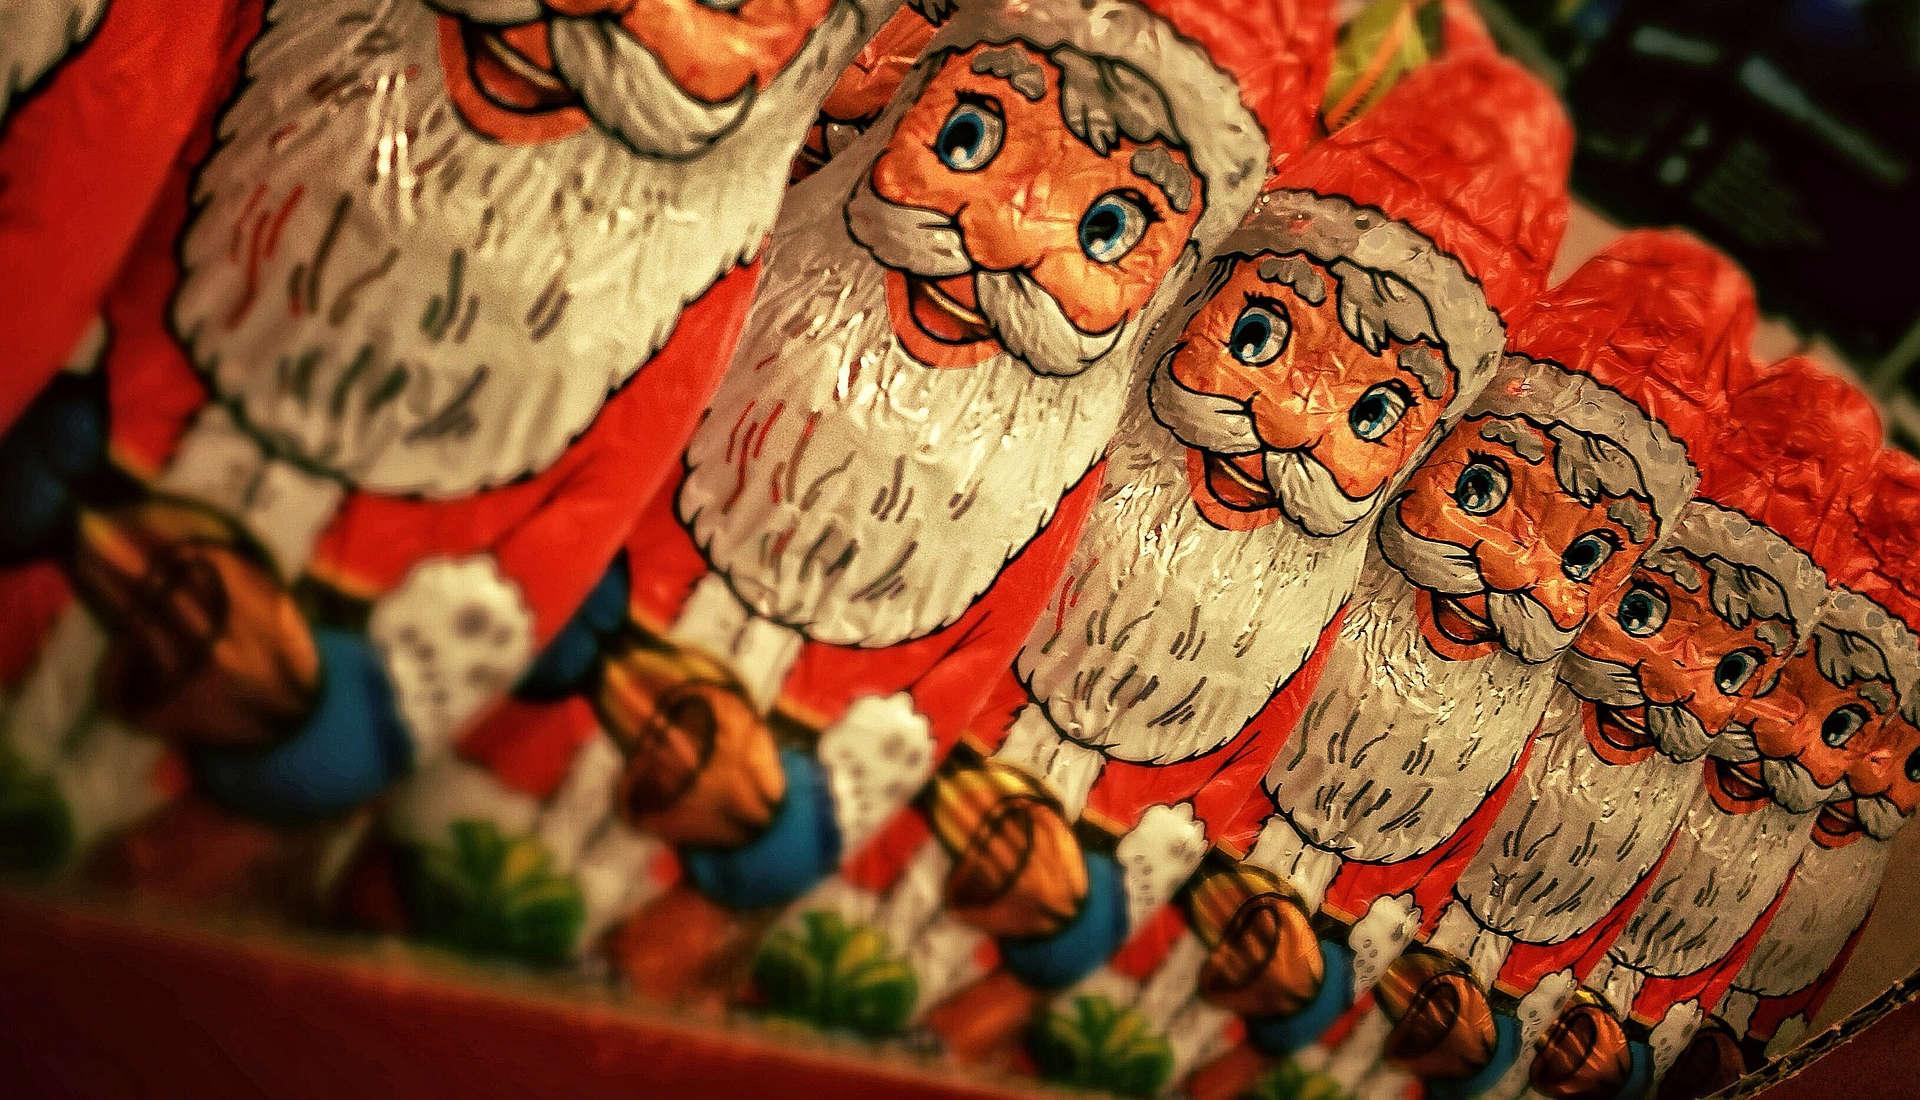 Asegura la disponibilidad del producto: consejos y ejemplos para impulsar las ventas de Navidad